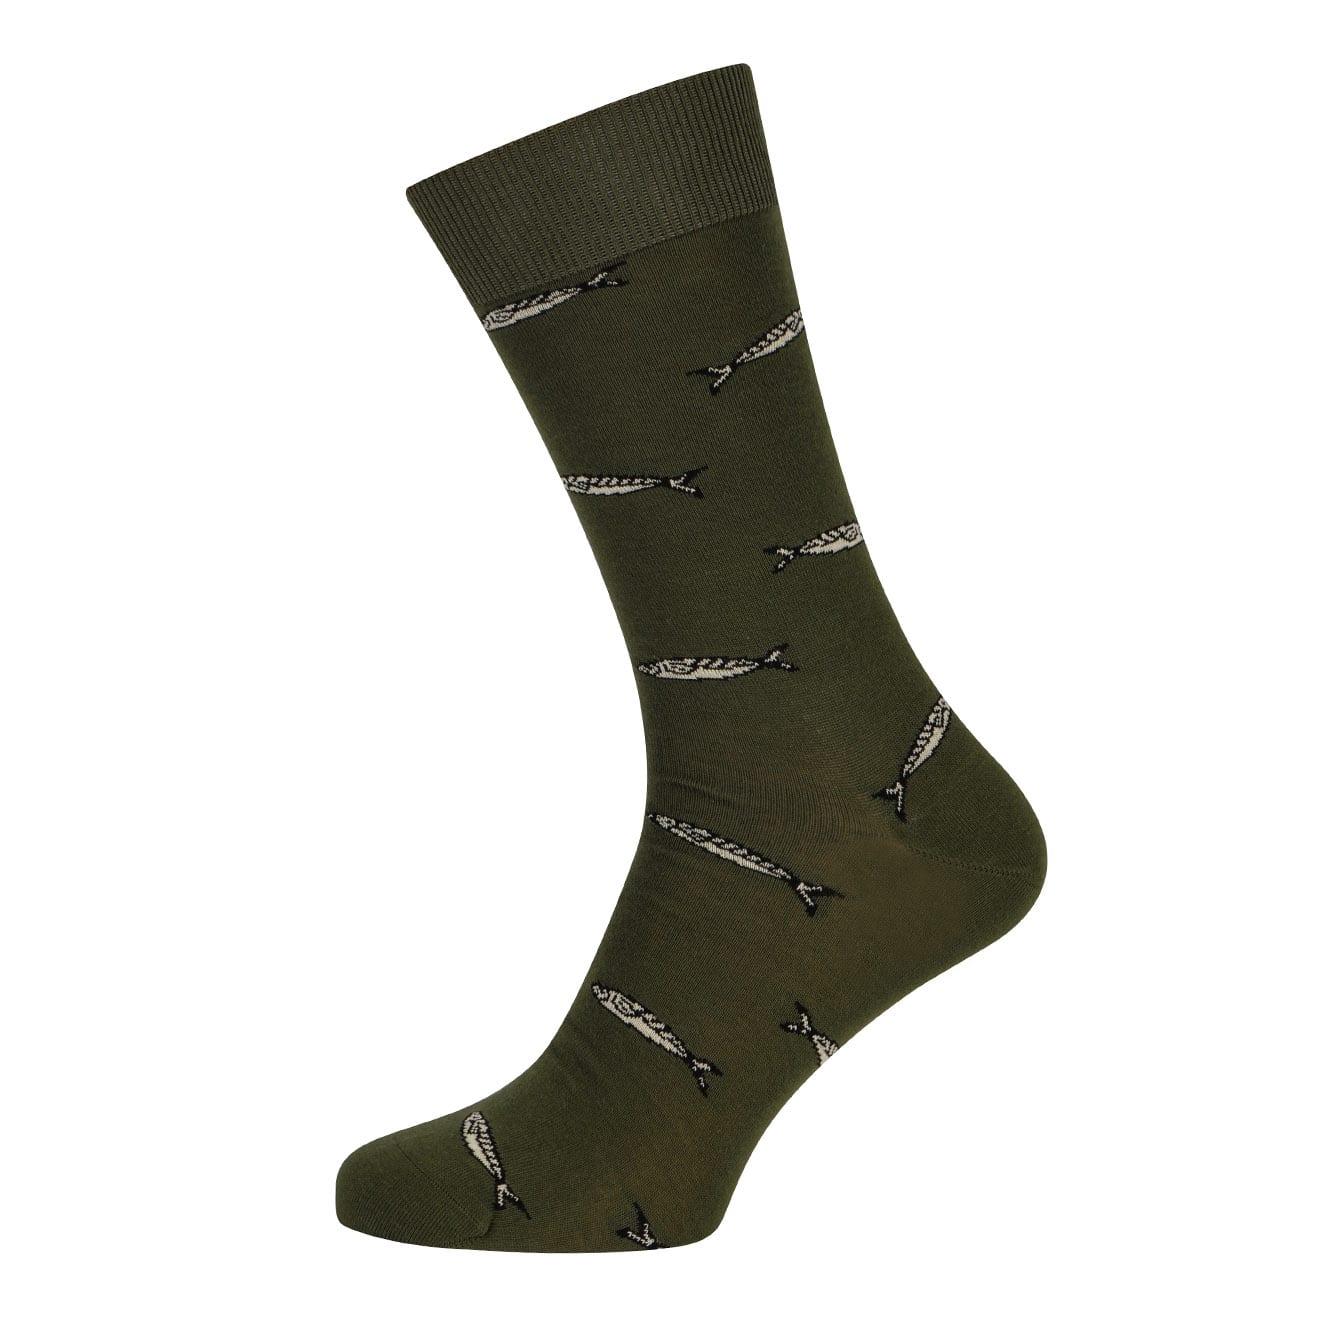 Barbour Sardine Socks Olive